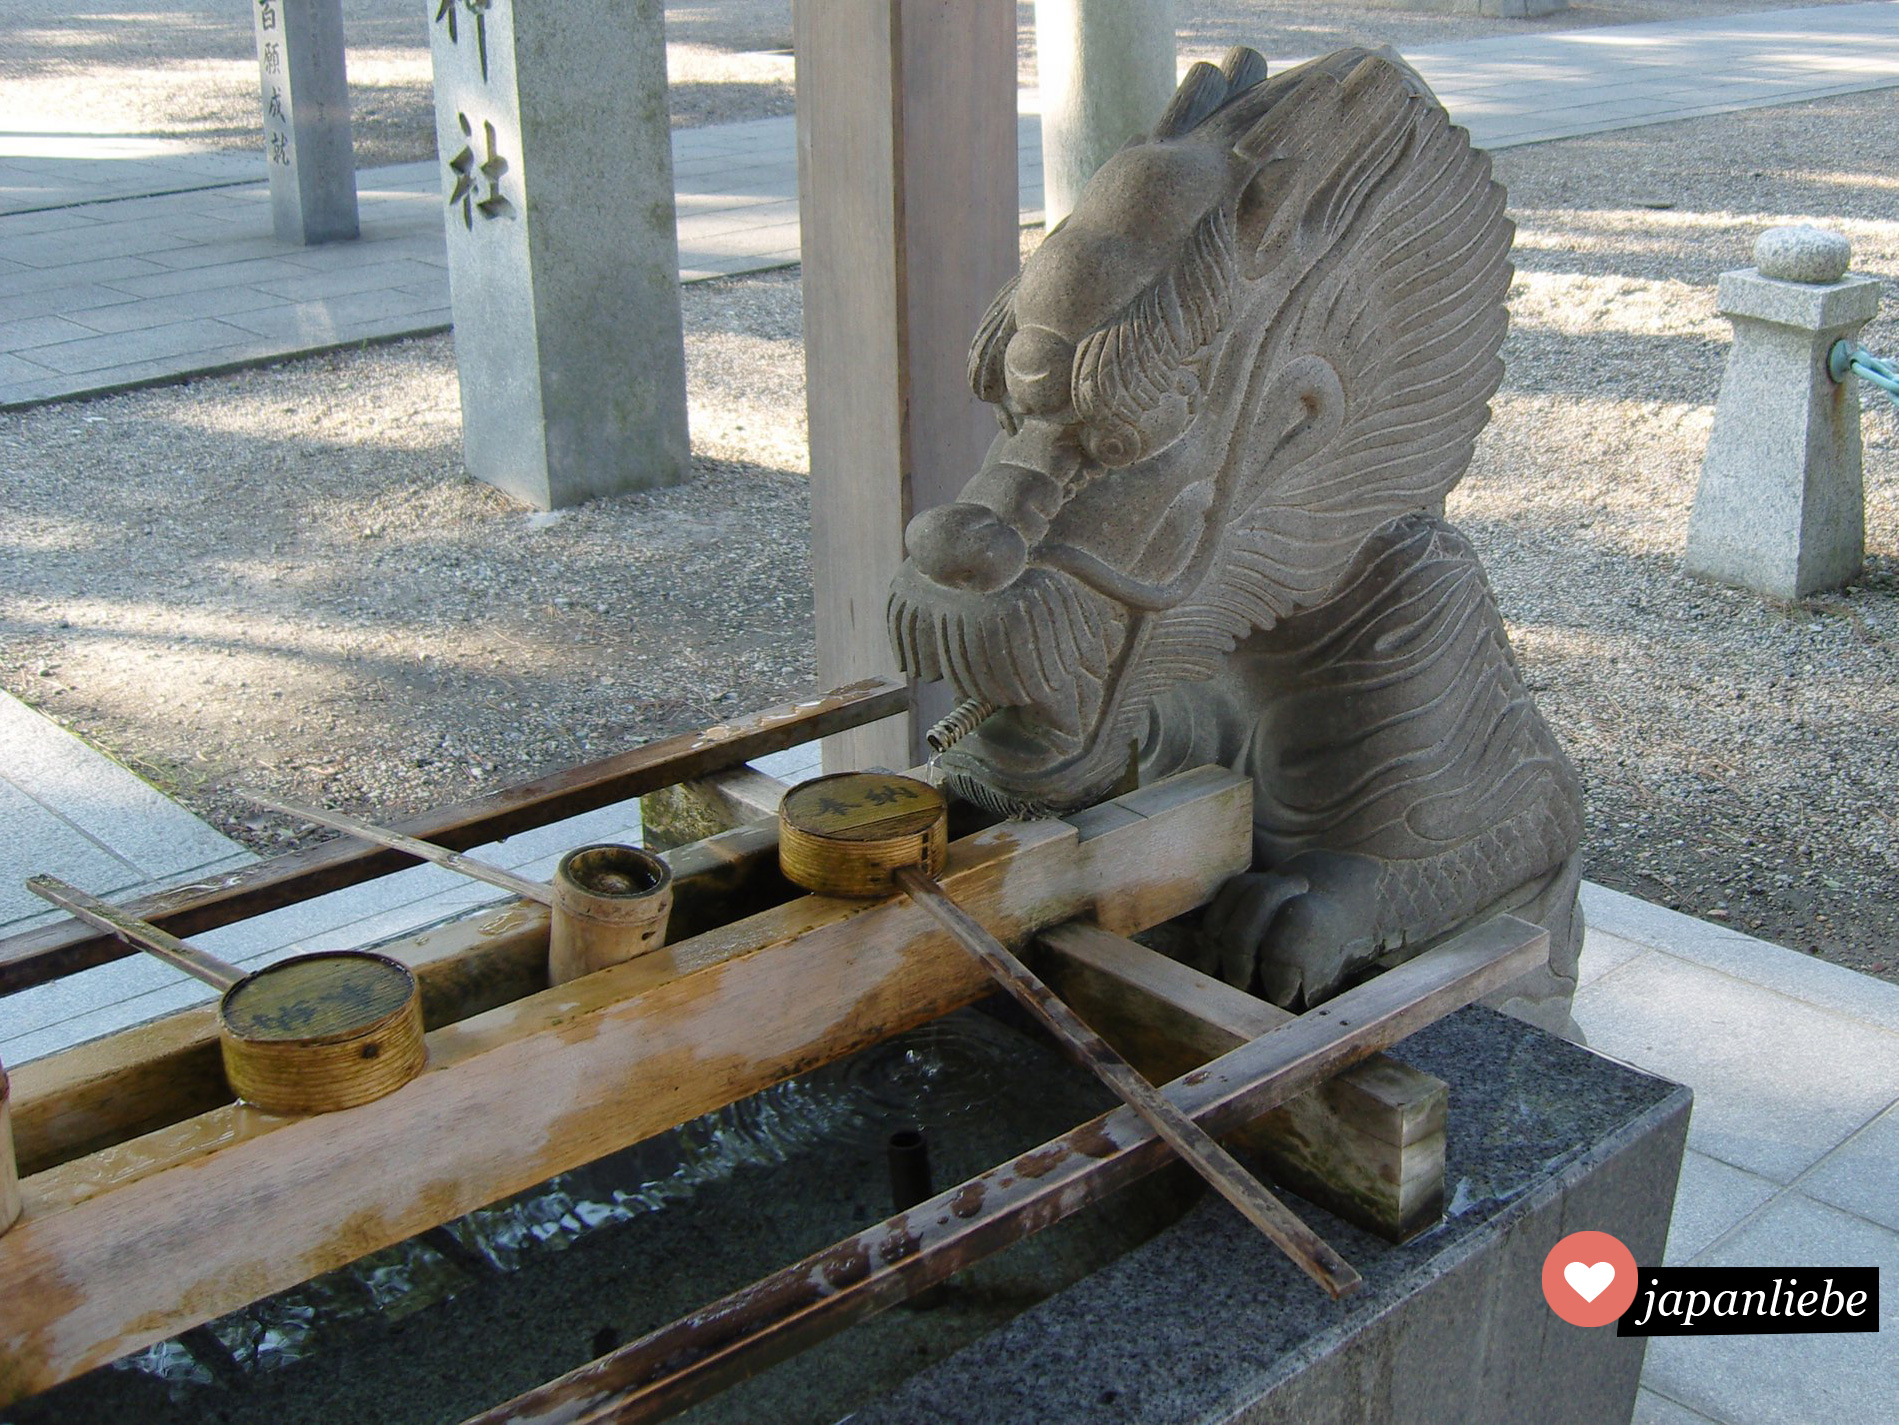 Am Tatsuki-Schrein in Okazaki speist ein steinerner Drache das Wasser in den temizuya-Brunnen.